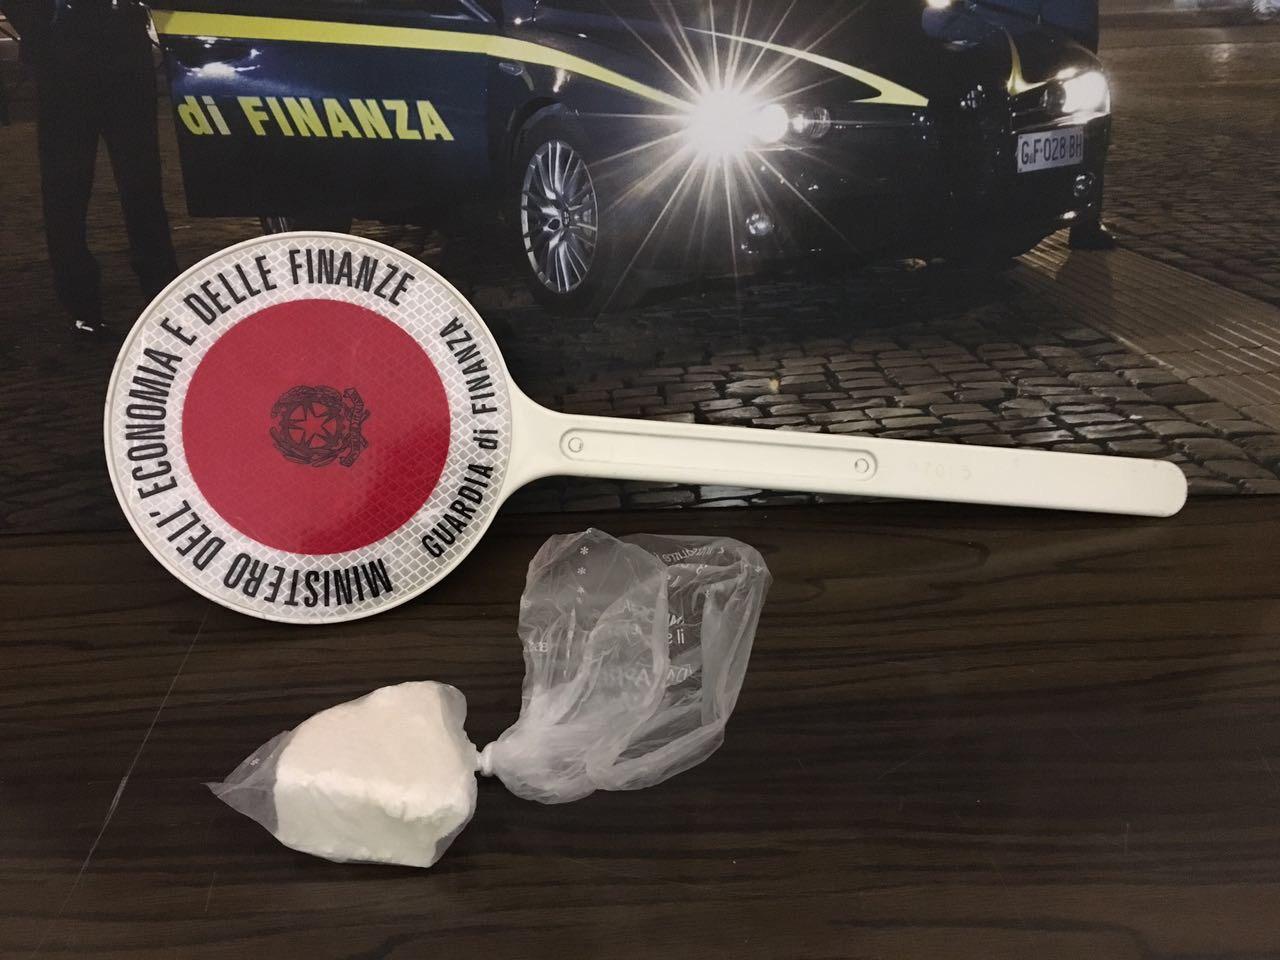 Trovato con cocaina per un valore di 25mila euro, assolto